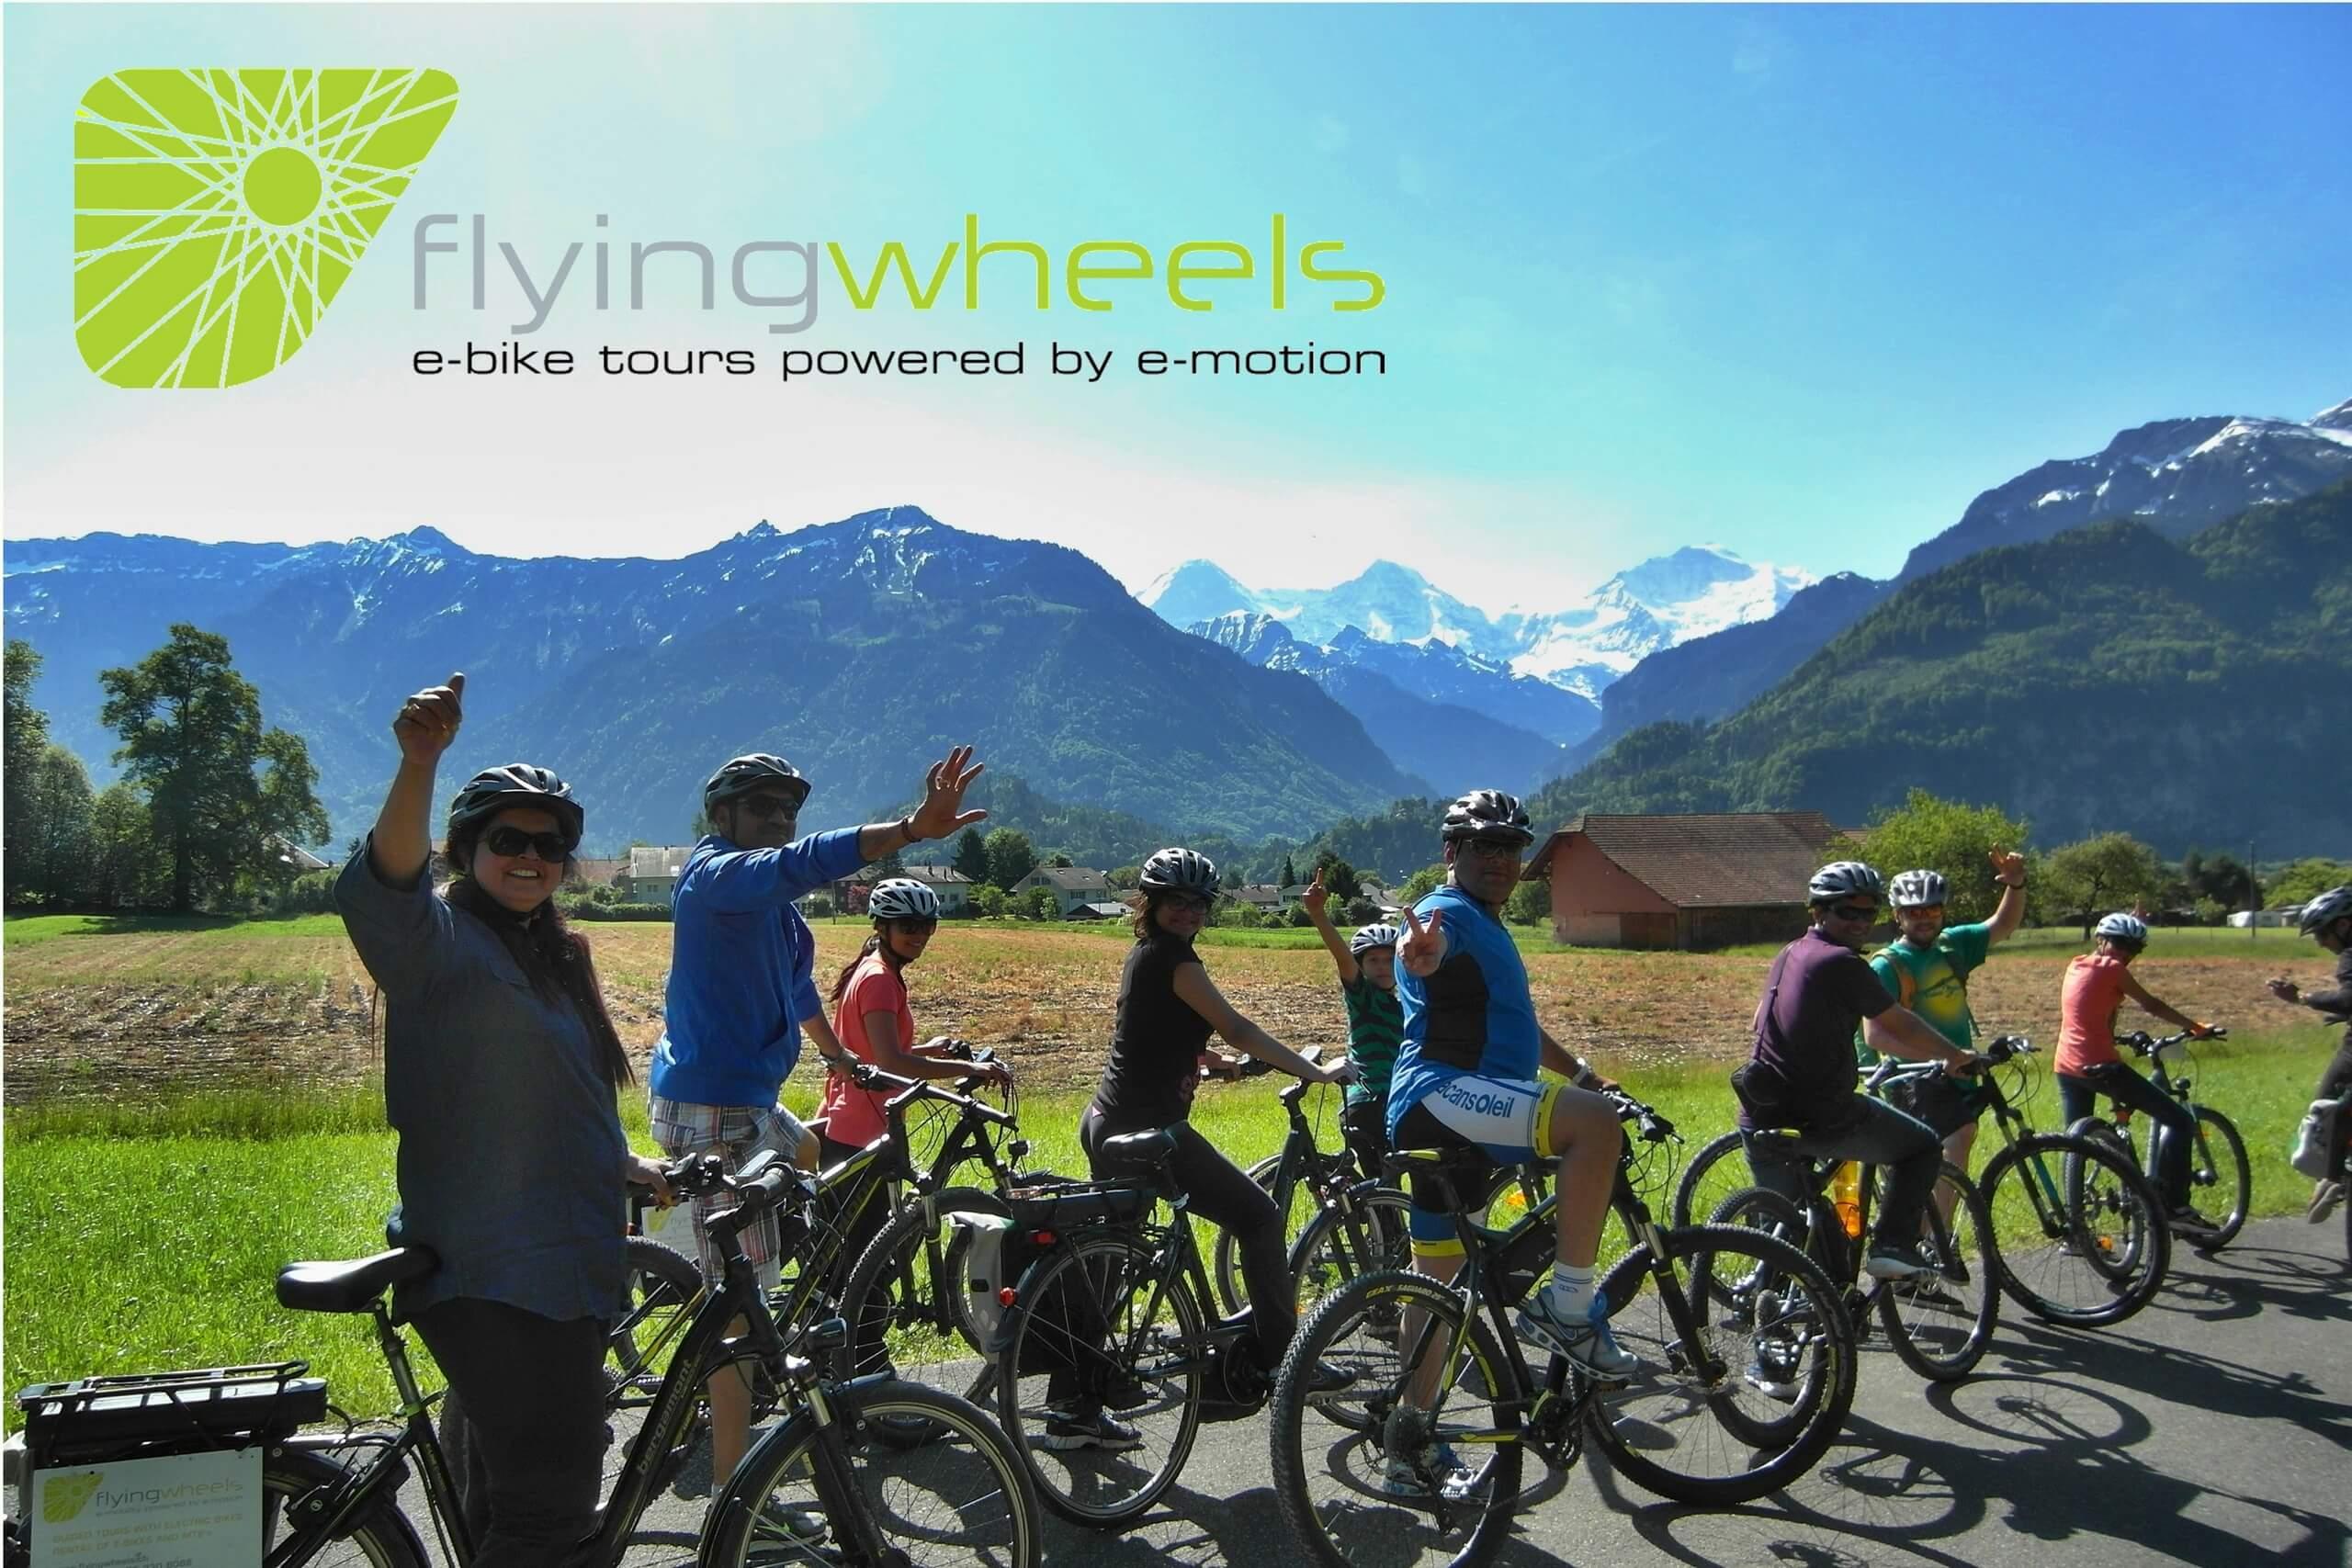 interlaken-flying-wheels-e-bikes-sommer